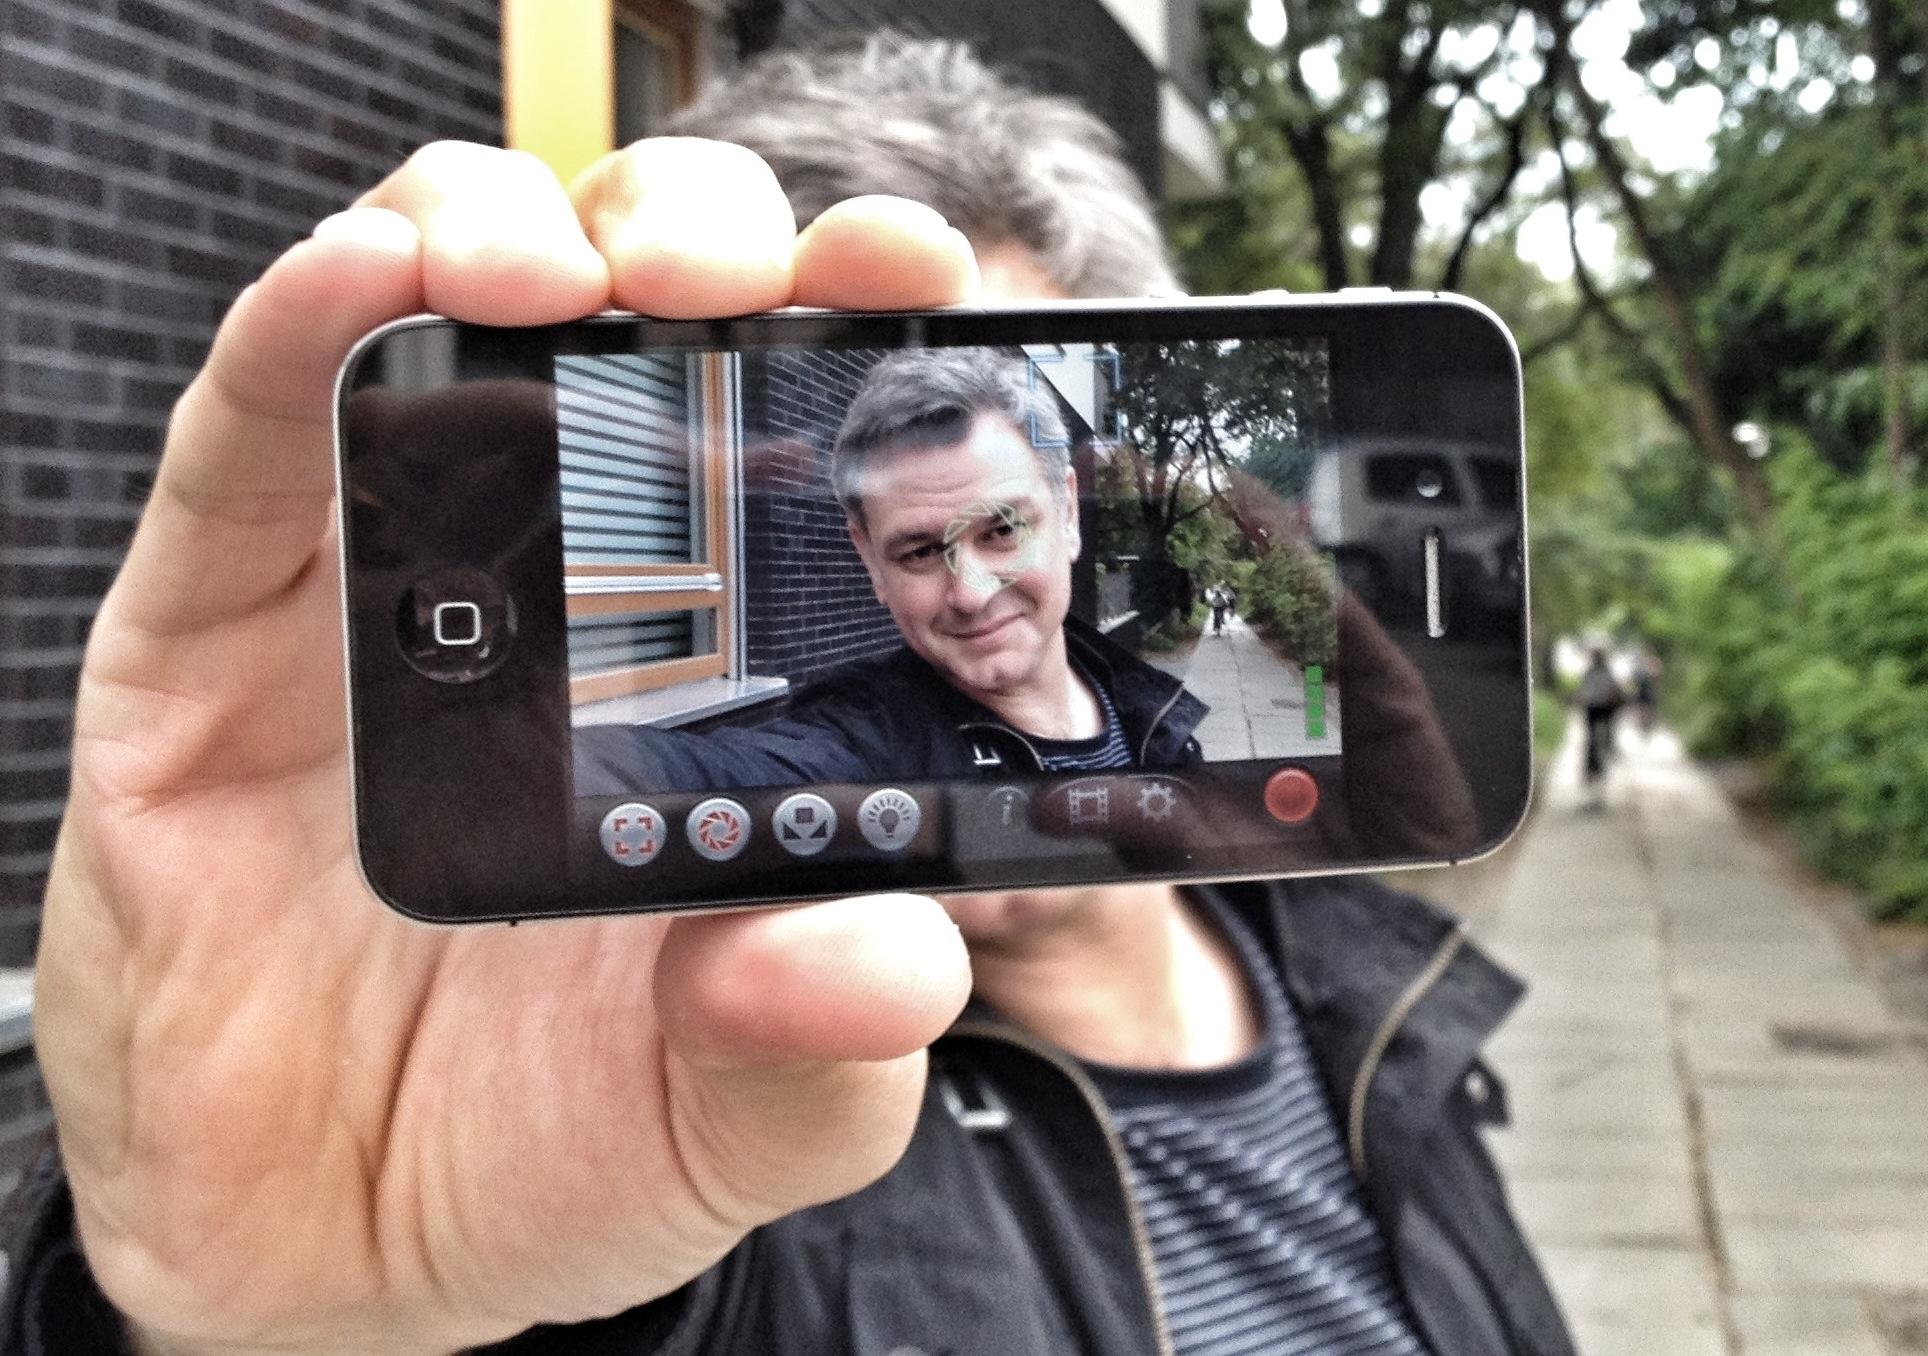 Ролик короткий для мобильного, Короткое видео - скачать порно на телефон андроид 10 фотография